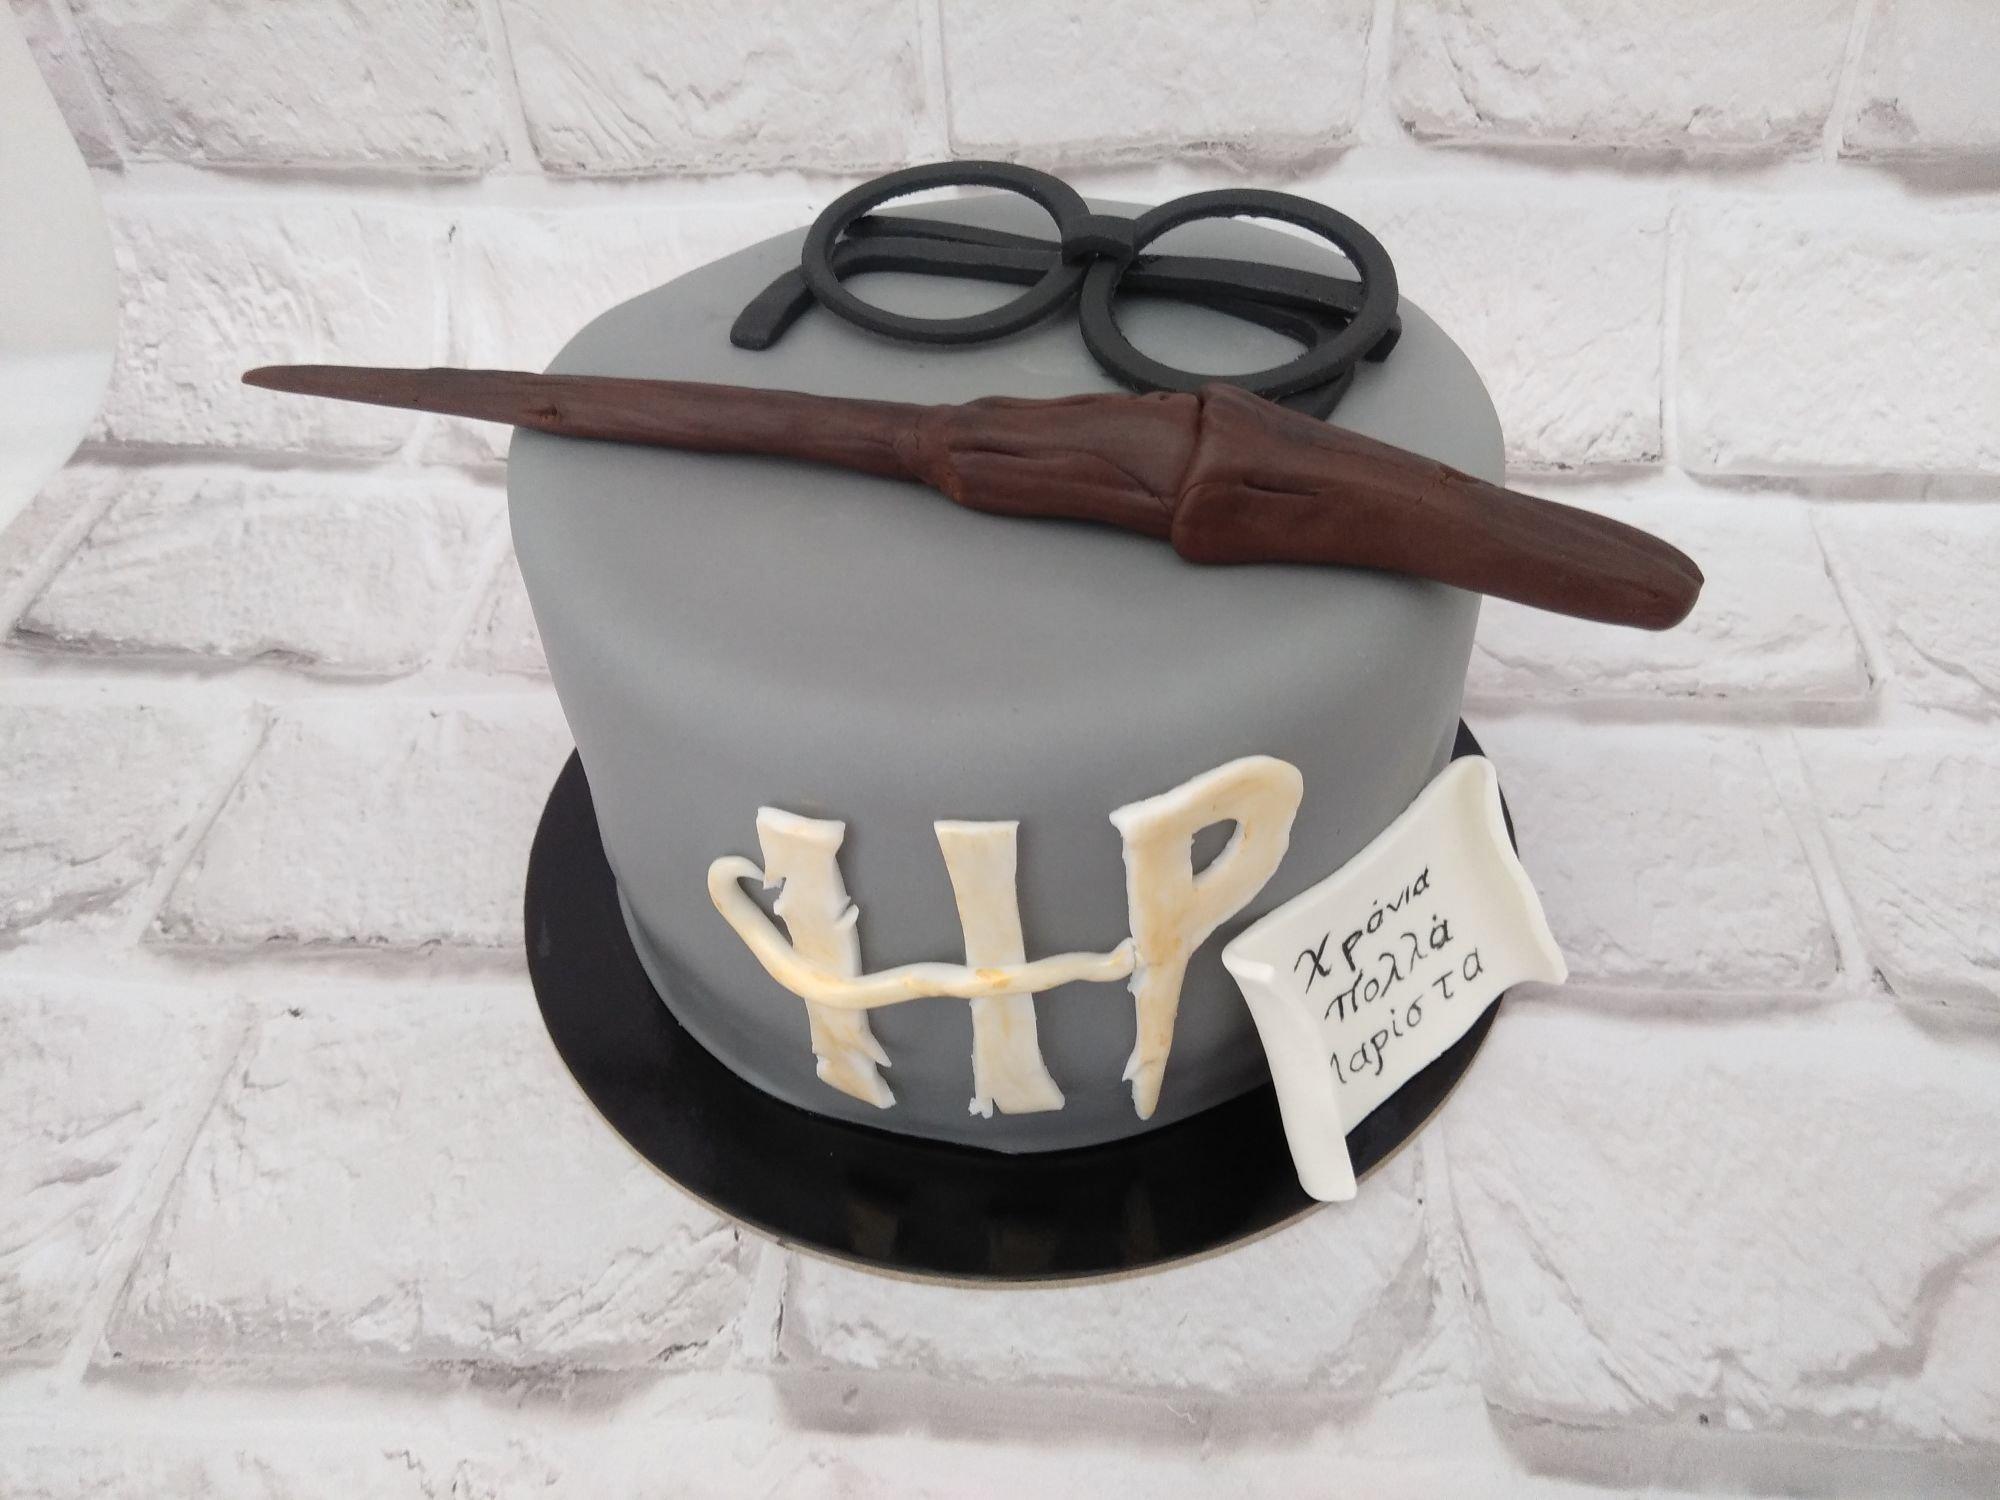 τούρτα απο ζαχαρόπαστα harry potter, Ζαχαροπλαστείο καλαμάτα madamecharlotte.gr, birthday cakes 2d 3d confectionery patisserie kalamata